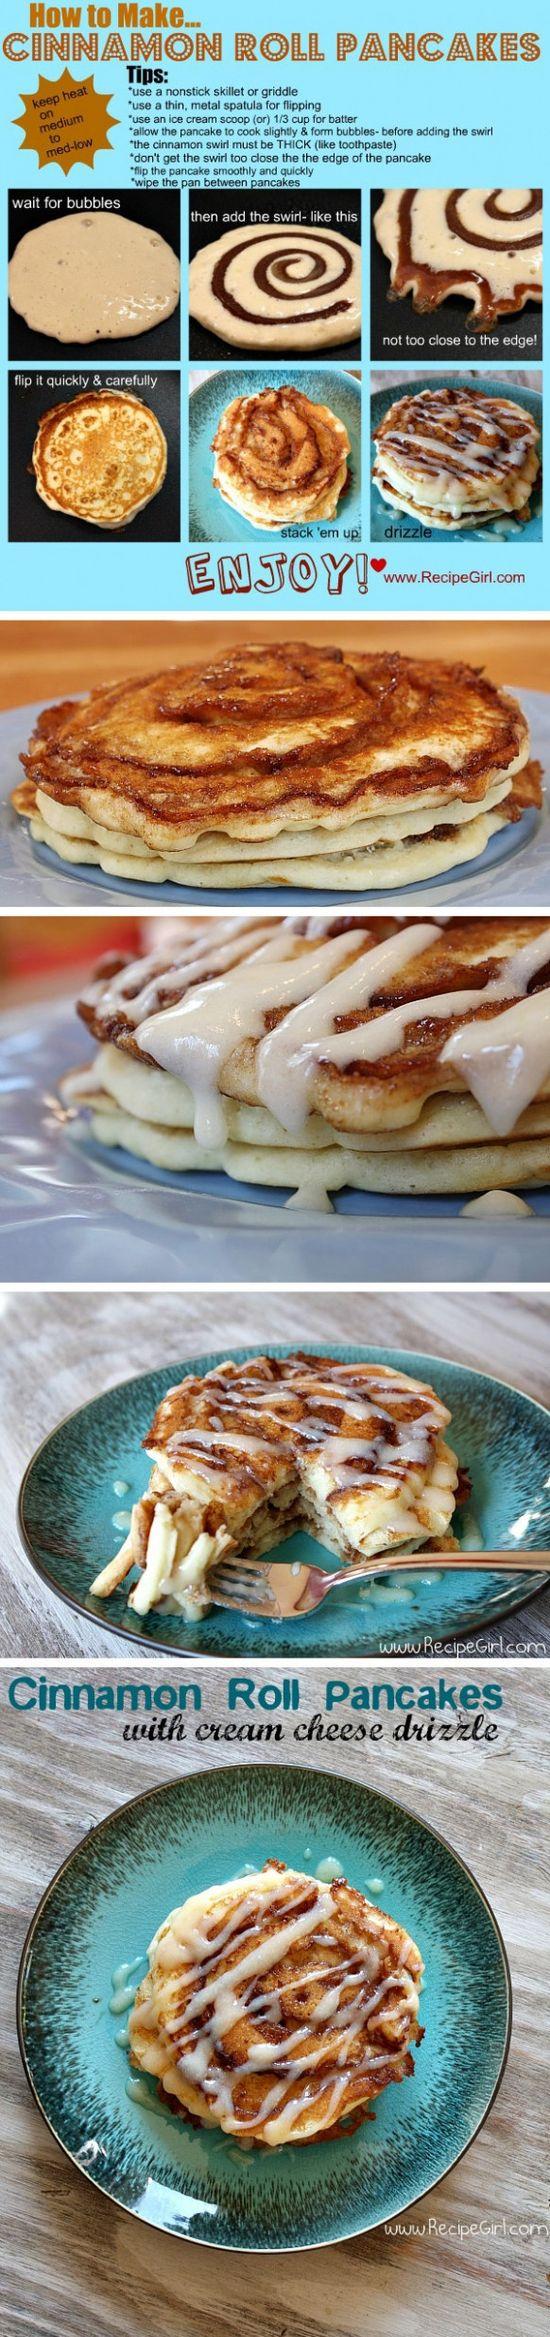 Cinnamon Roll Pancakes!! This weekend!